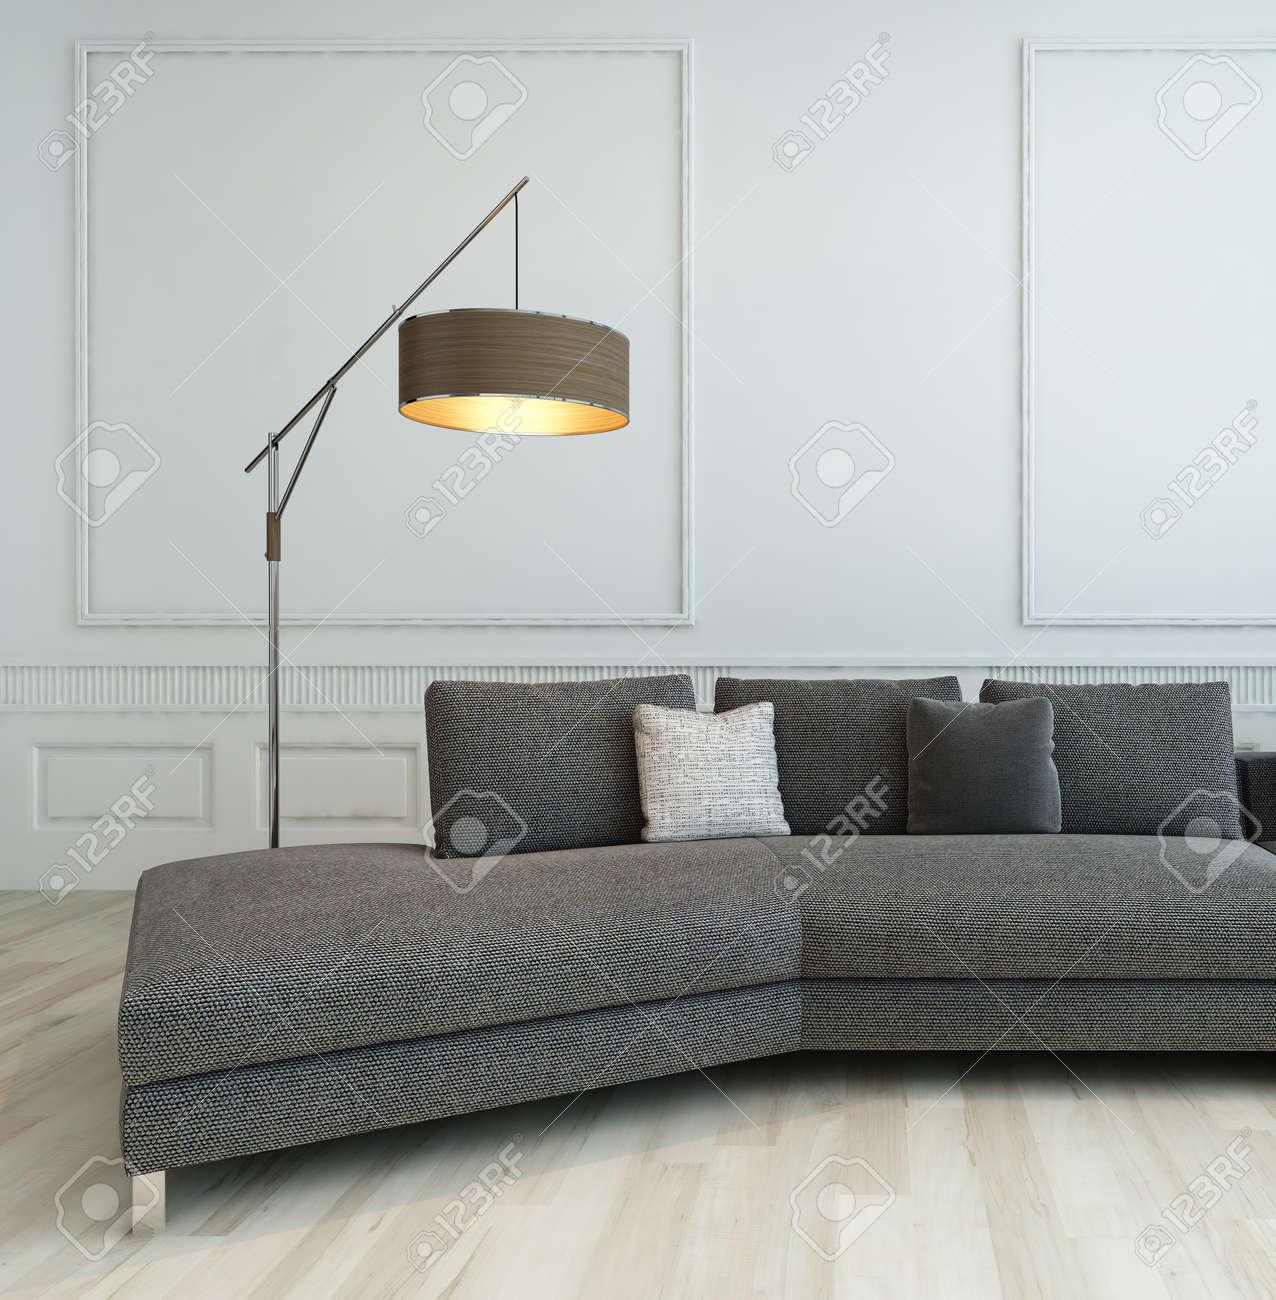 Grau Couch Stehend Vor Weißem Barock-Stil Mit Wand-Stehlampe ...